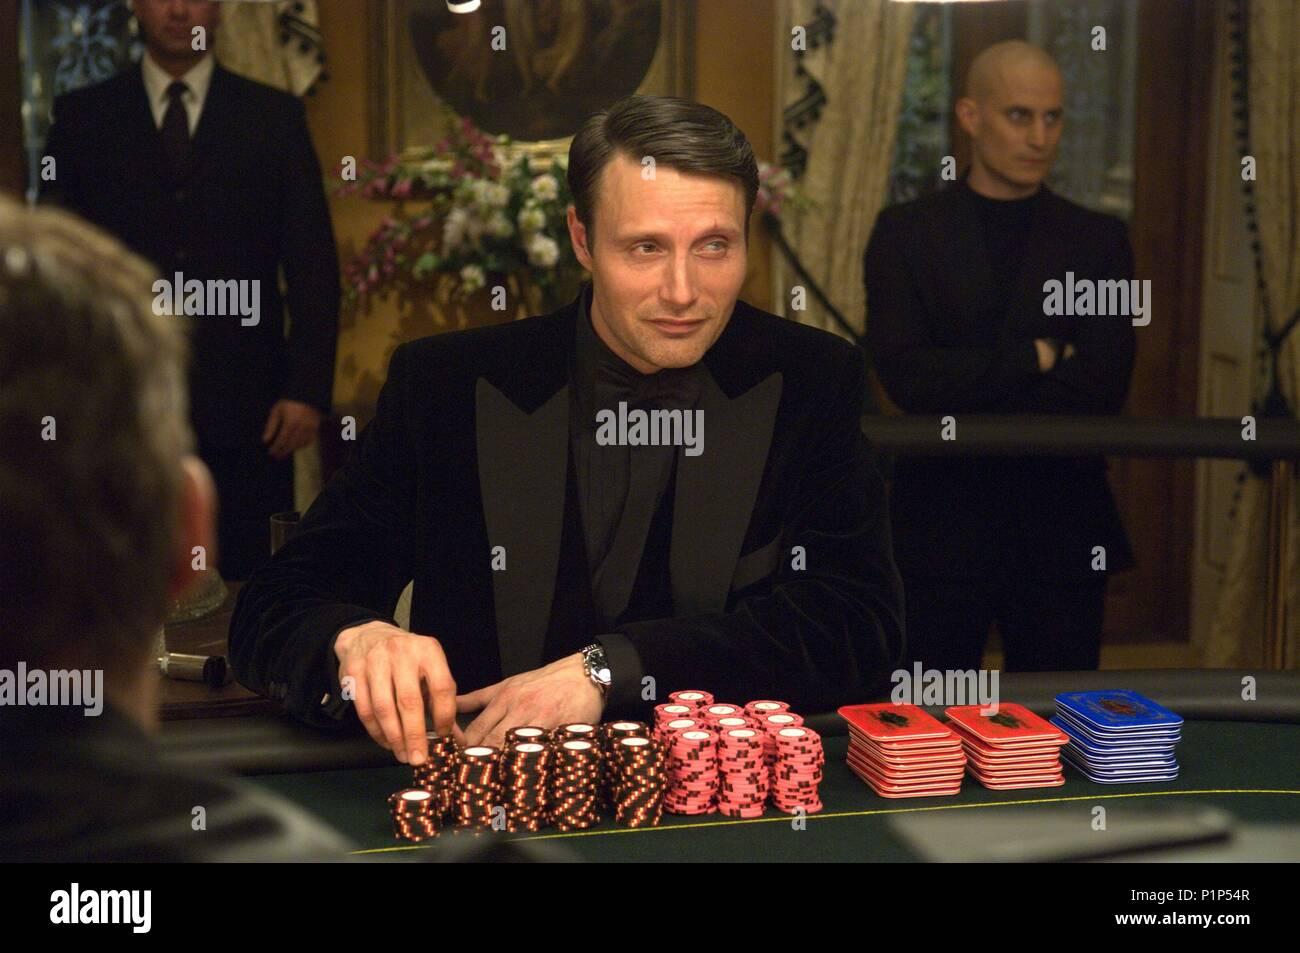 Фильмы казино рояль онлайн игры слоты скачать бесплатно